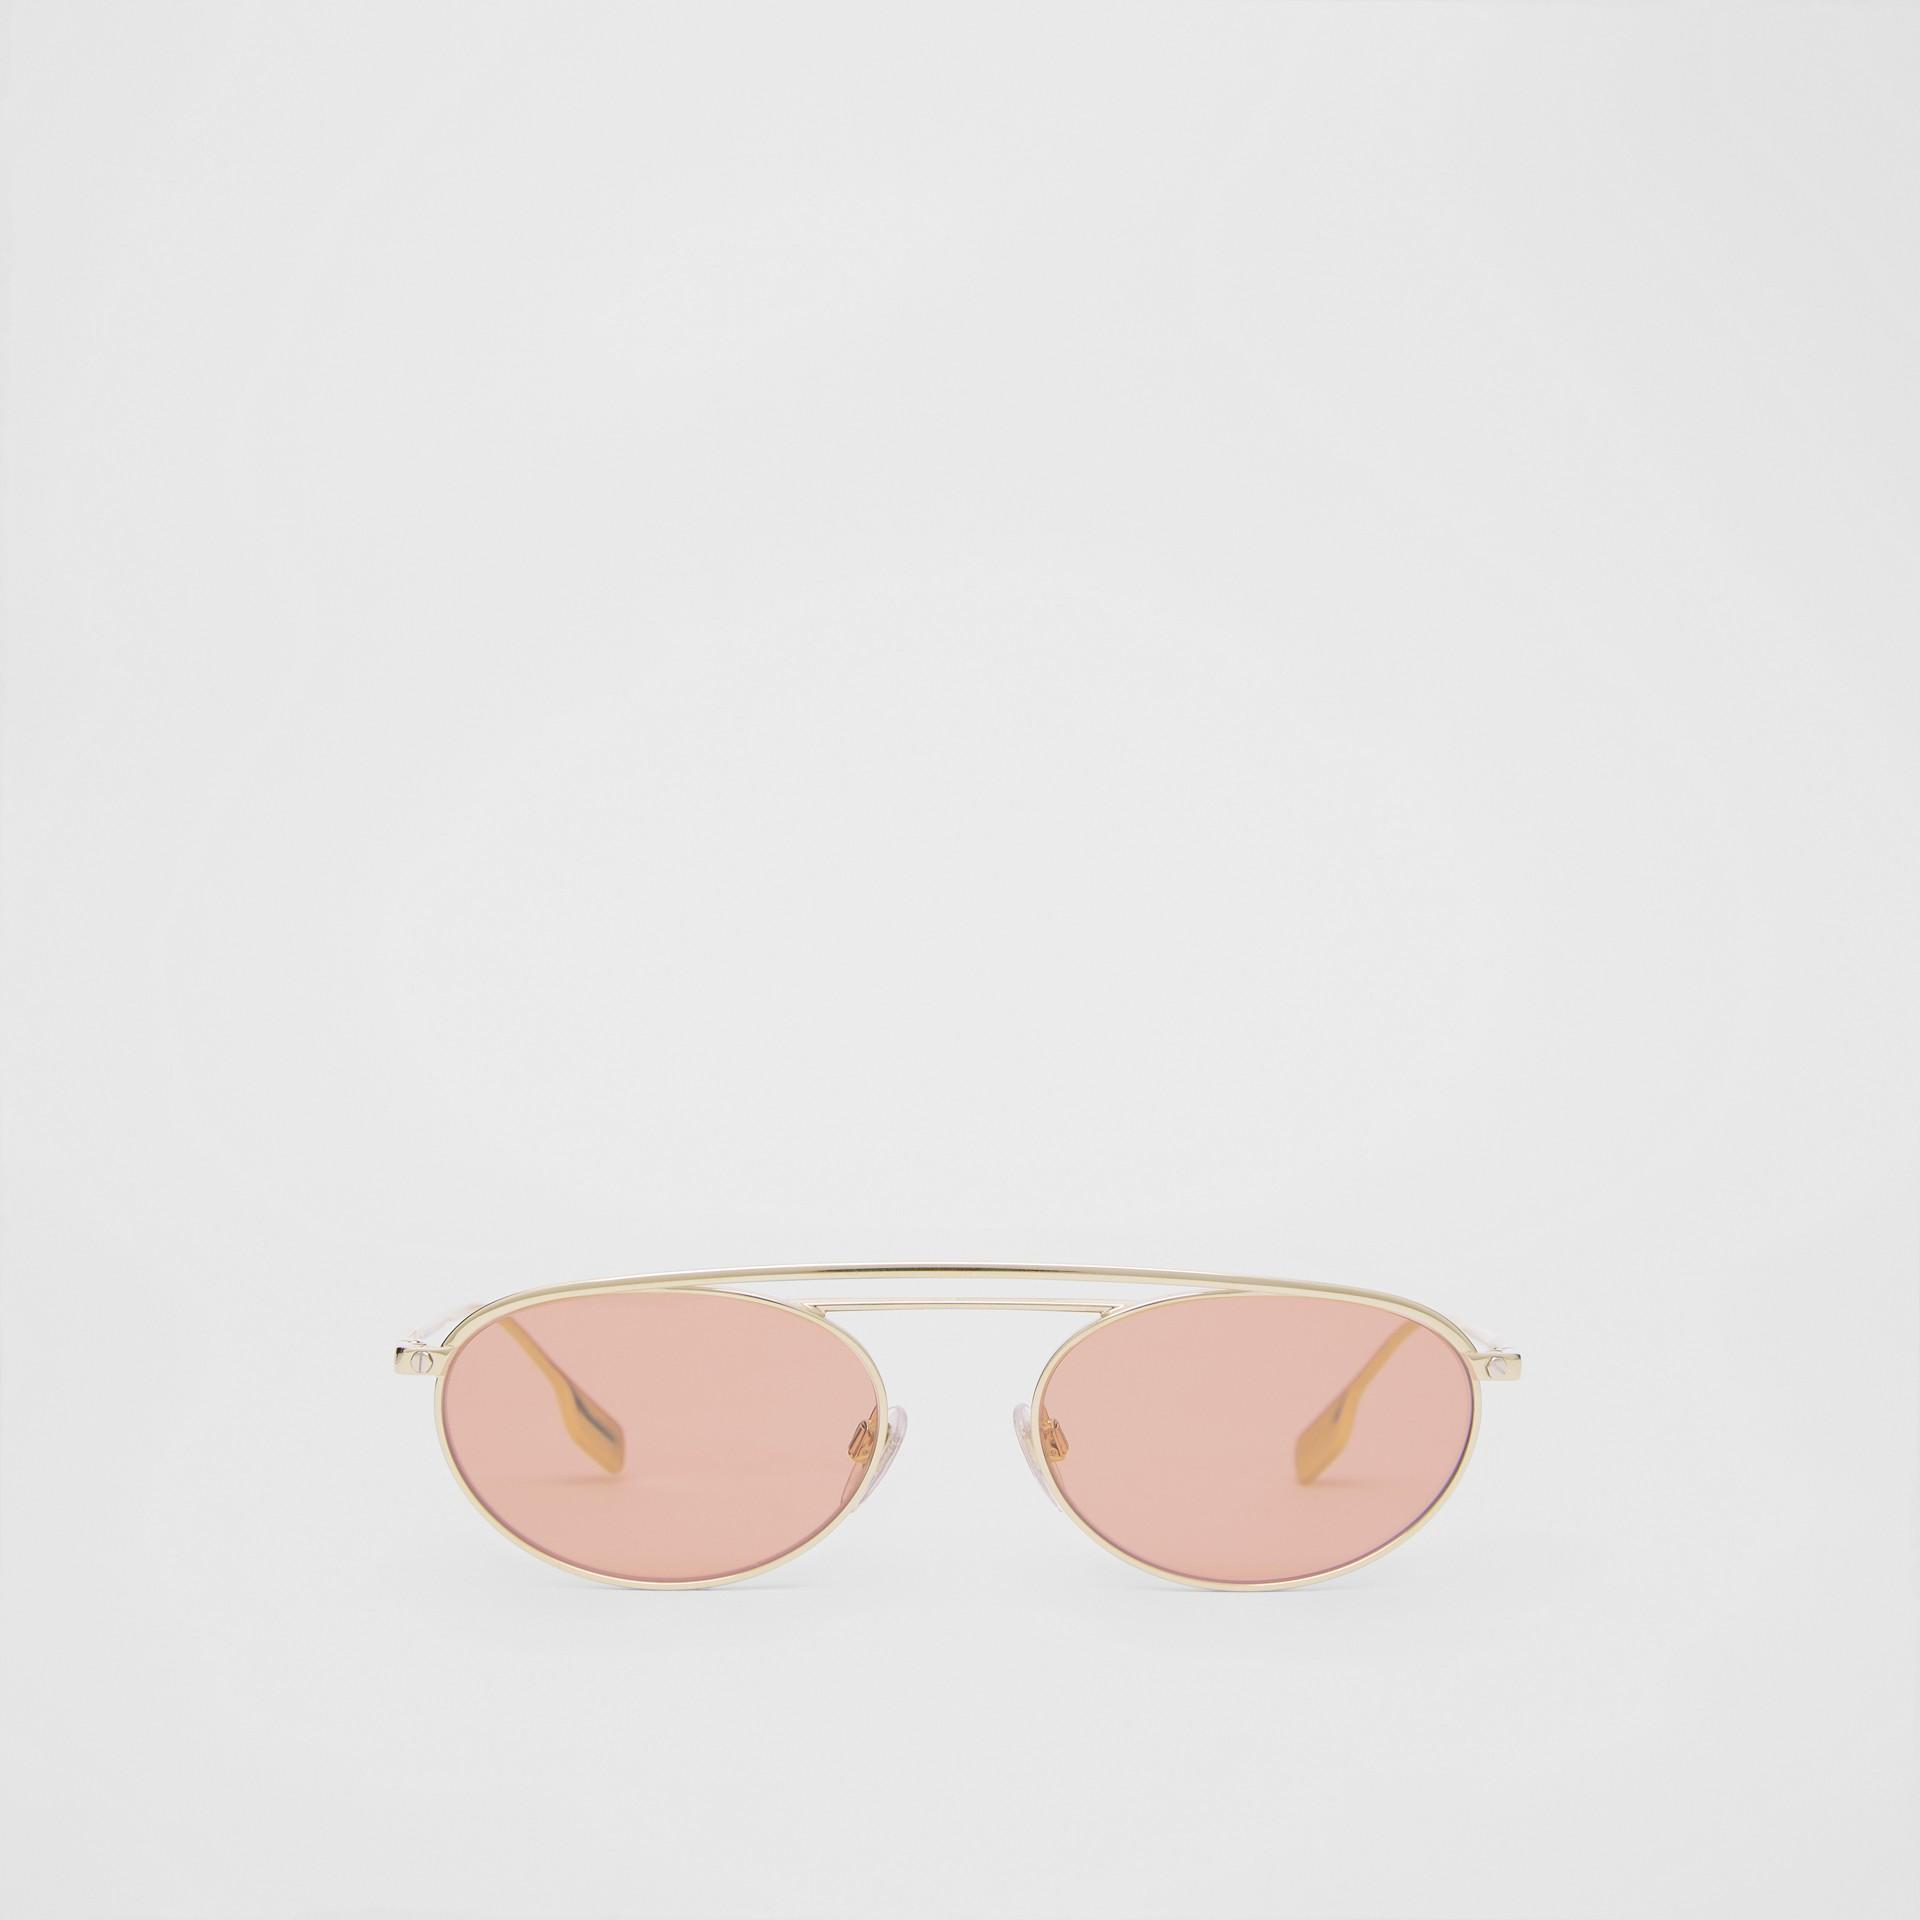 Lunettes de soleil à monture ovale (Rose Clair) - Femme | Burberry Canada - photo de la galerie 0